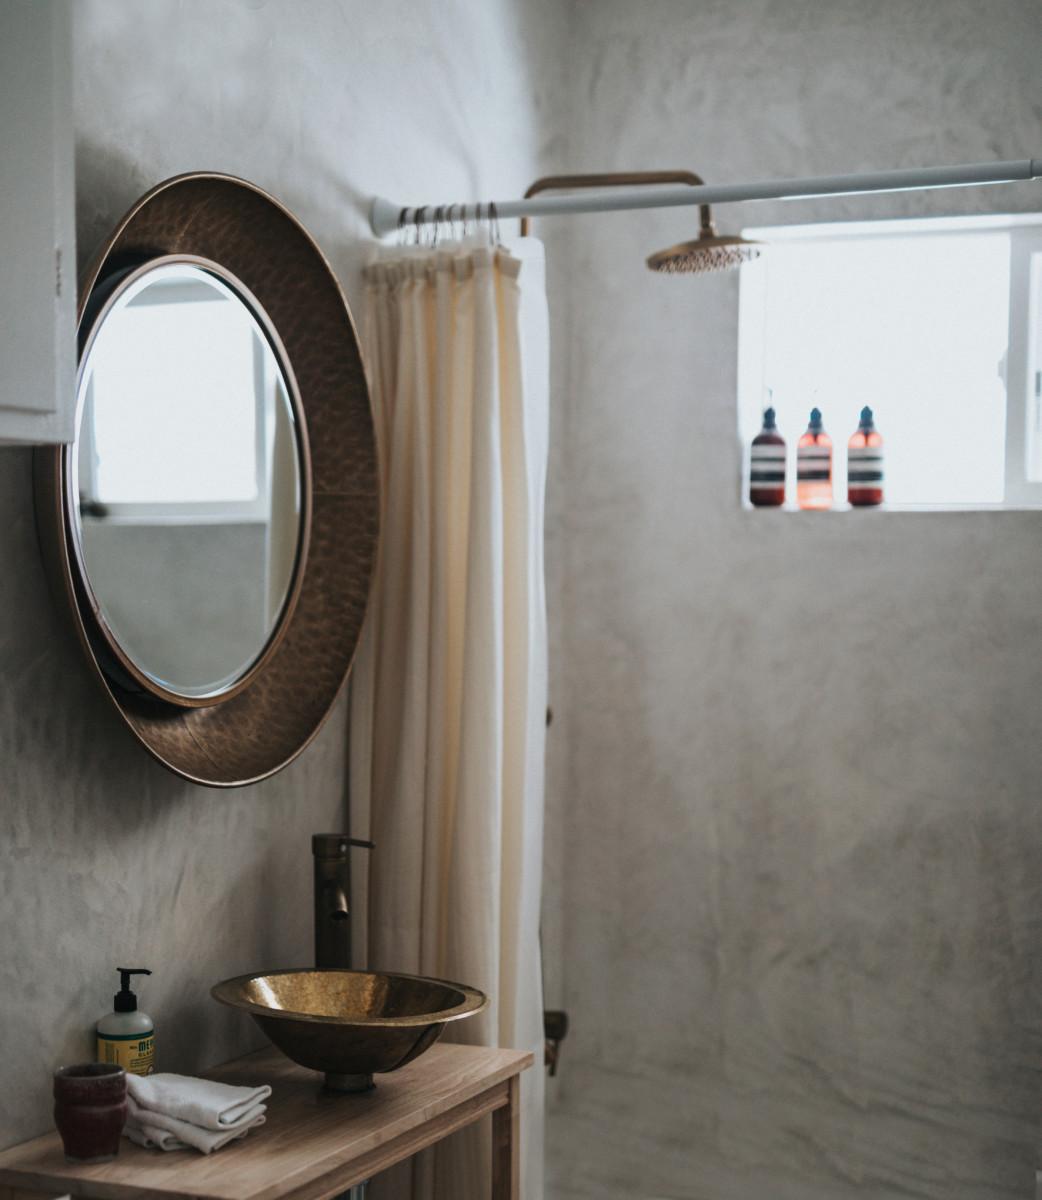 В бассейне ванной комнате3